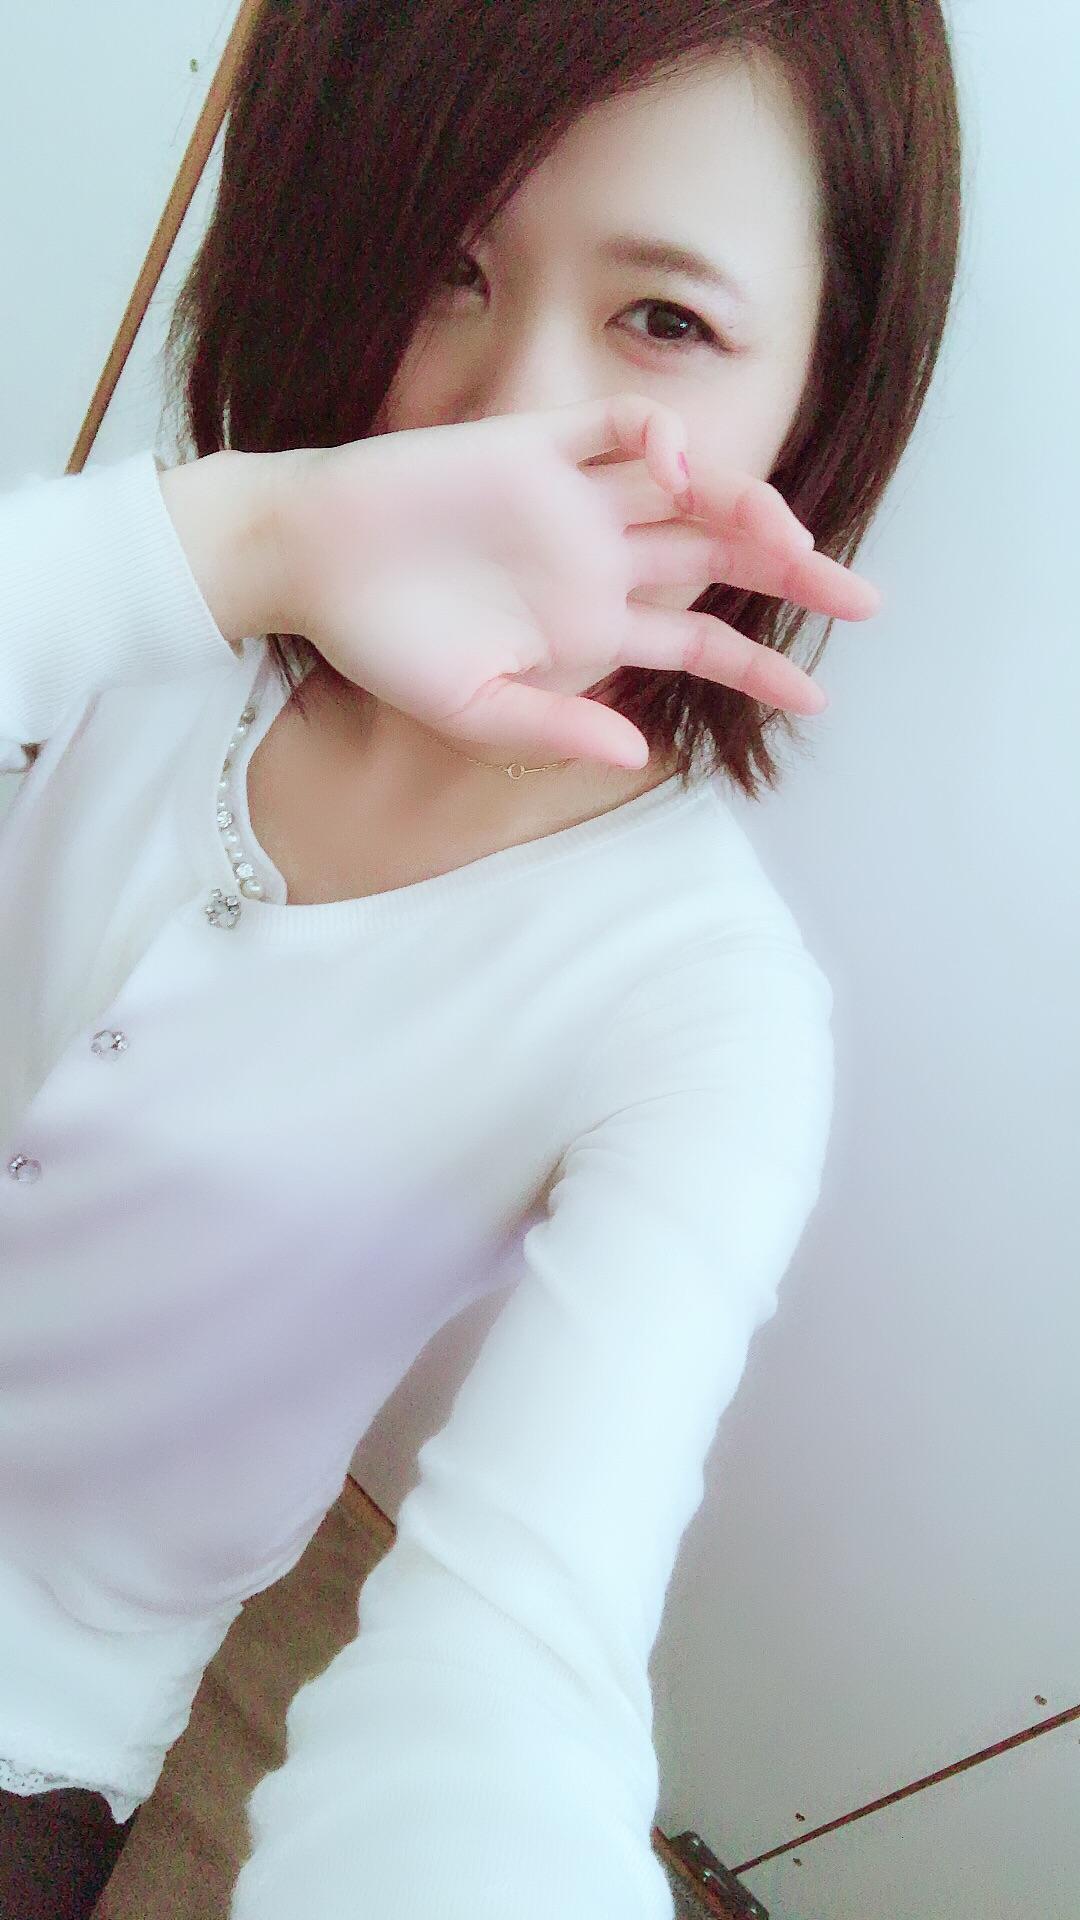 めぐ 04/12 17:21 めぐです(^_^)